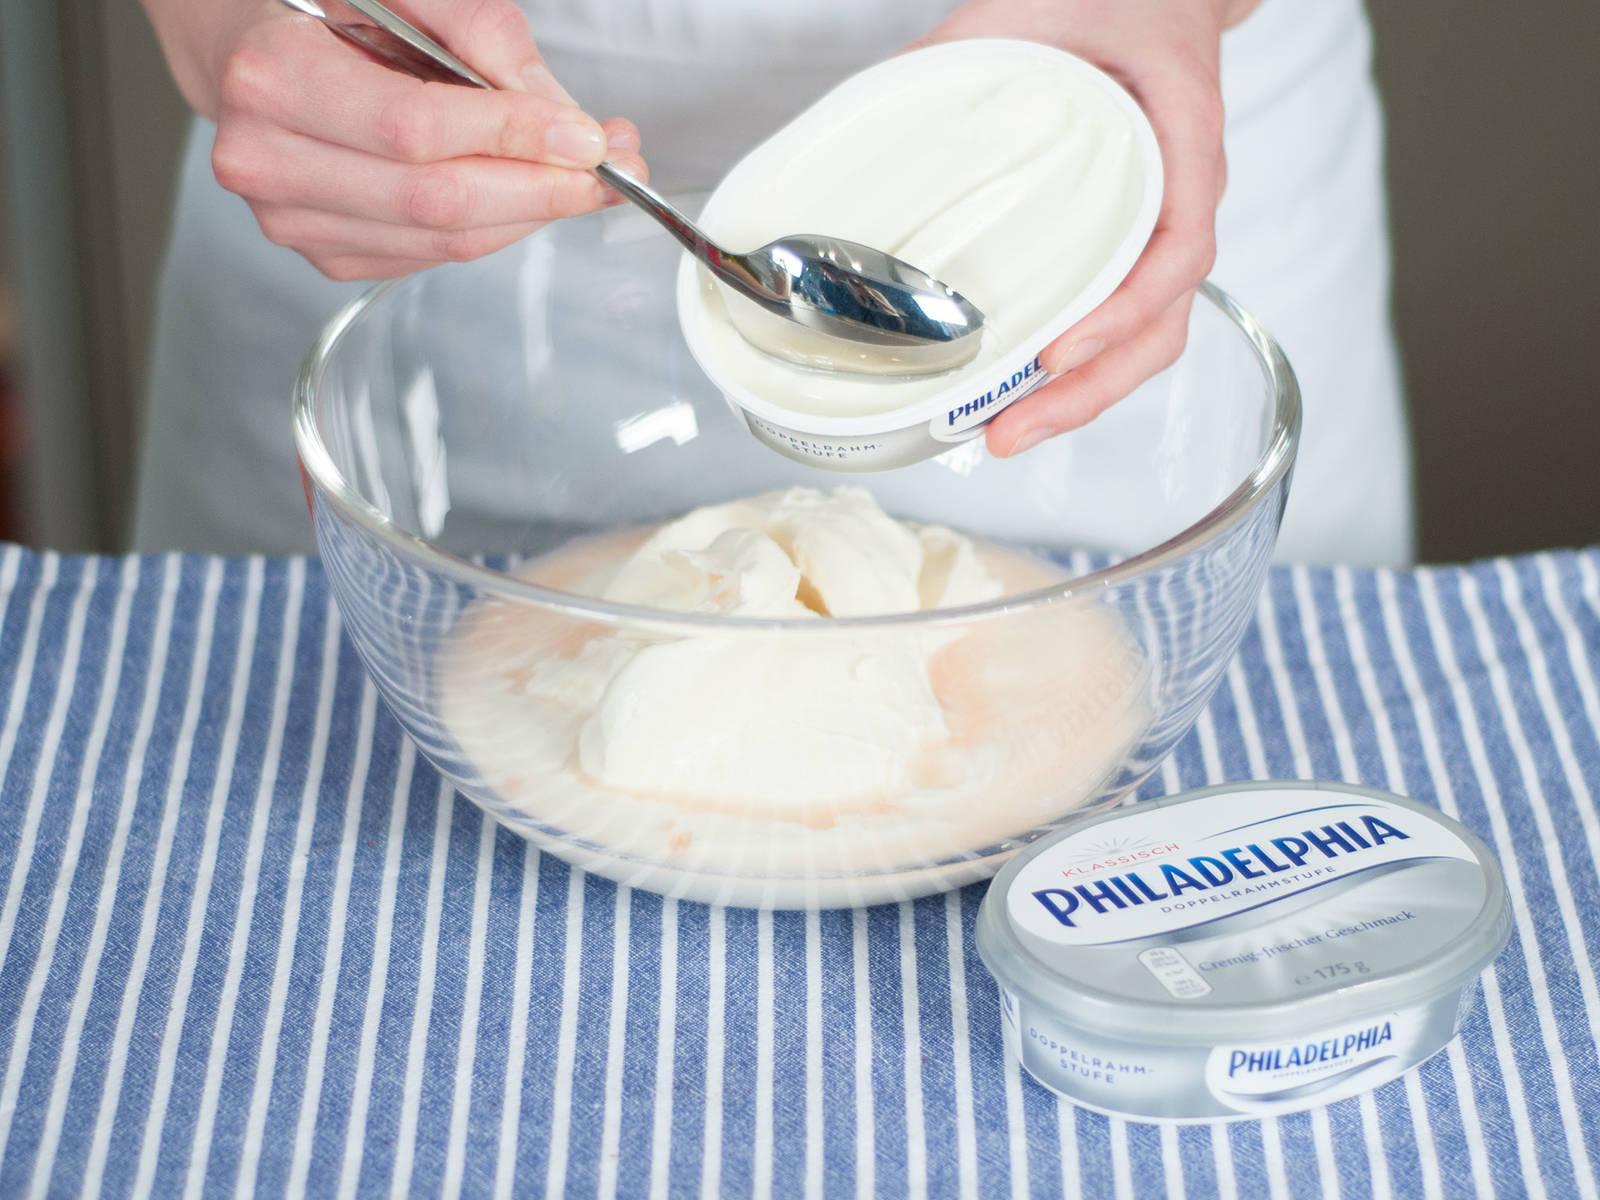 Frischkäse und Joghurt in einer großen Schüssel vermengen bis eine glatte Masse entsteht. Gelatinemasse in die Frischkäsemixtur geben. Umrühren bis sich eine homogene Masse gebildet hat.